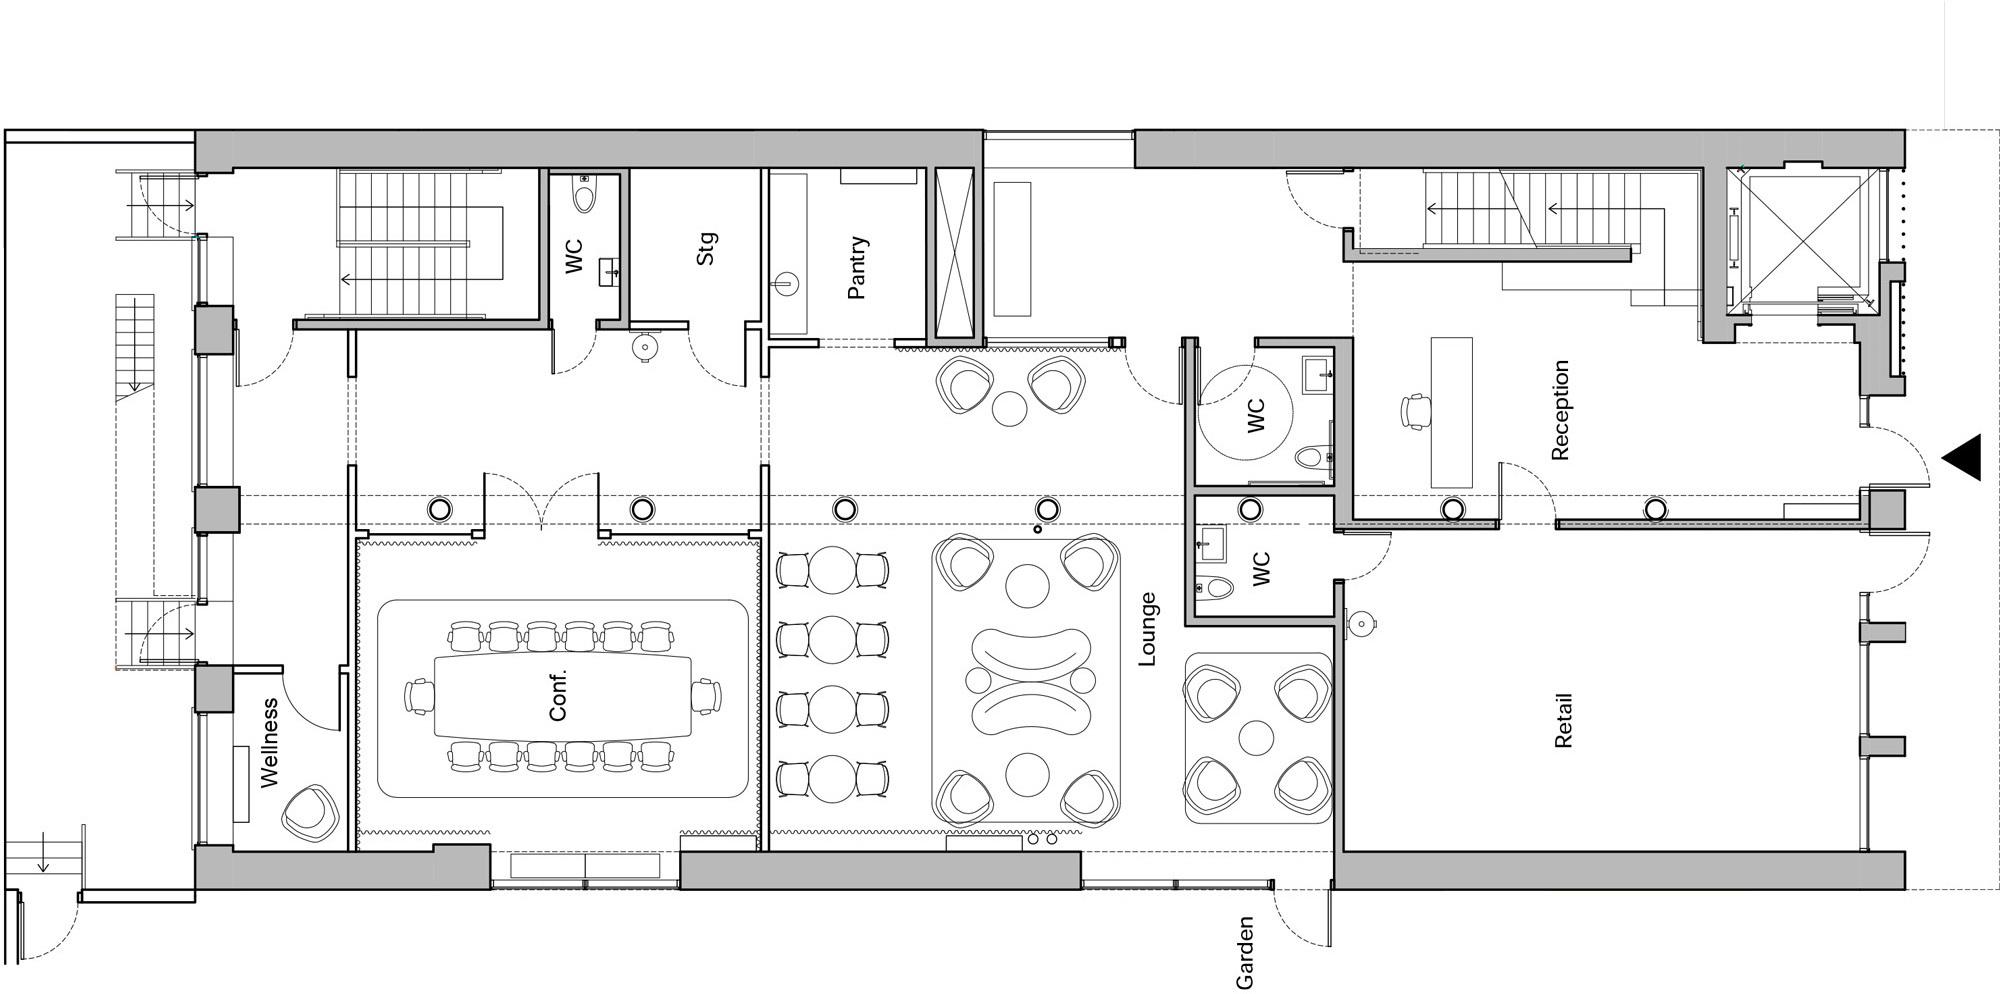 Erdgeschoss mit Eingangsbereich, Rezeption, Lounge und Konferenzraum. New Lab, 77 Washington 2020, Brooklyn NY